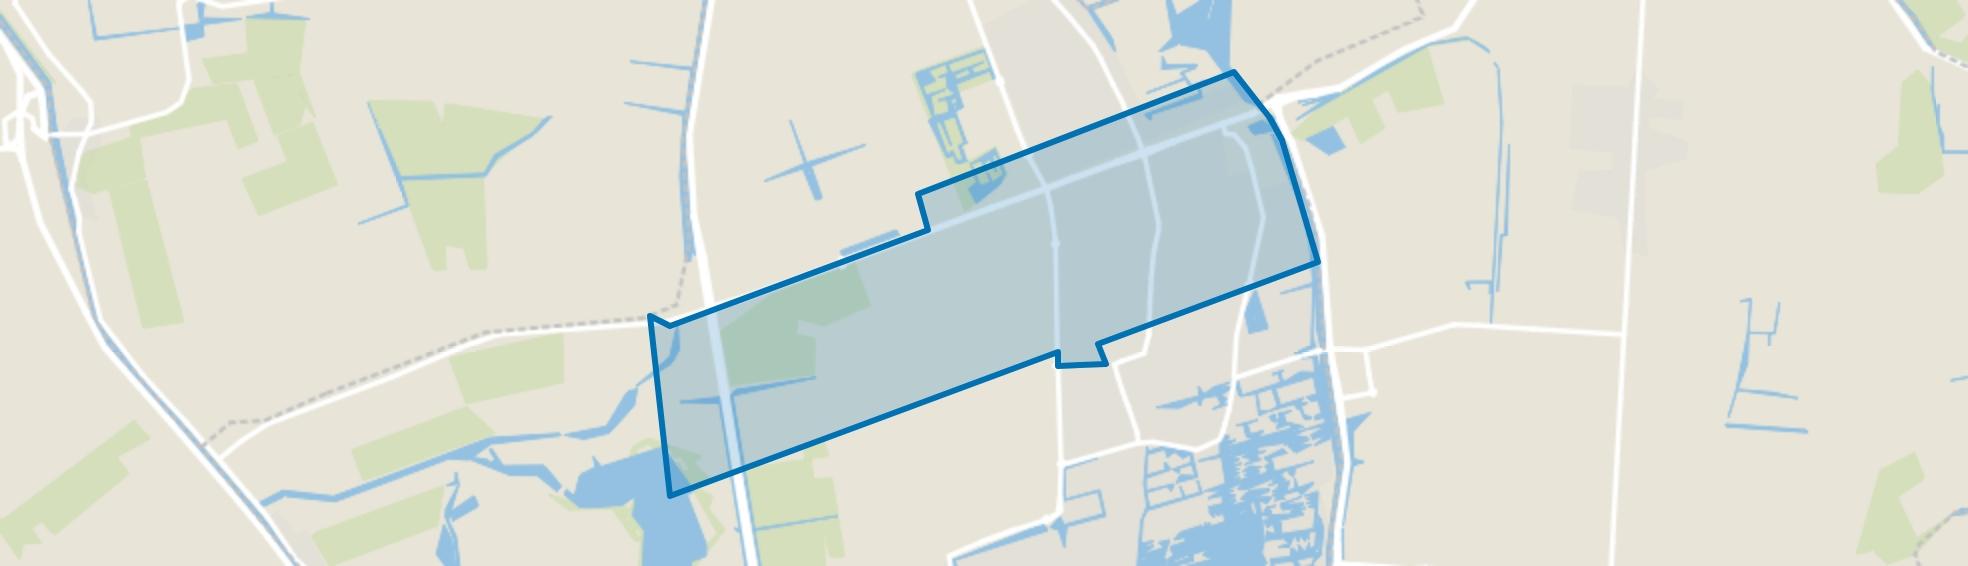 Noord-Scharwoude, Noord-Scharwoude map